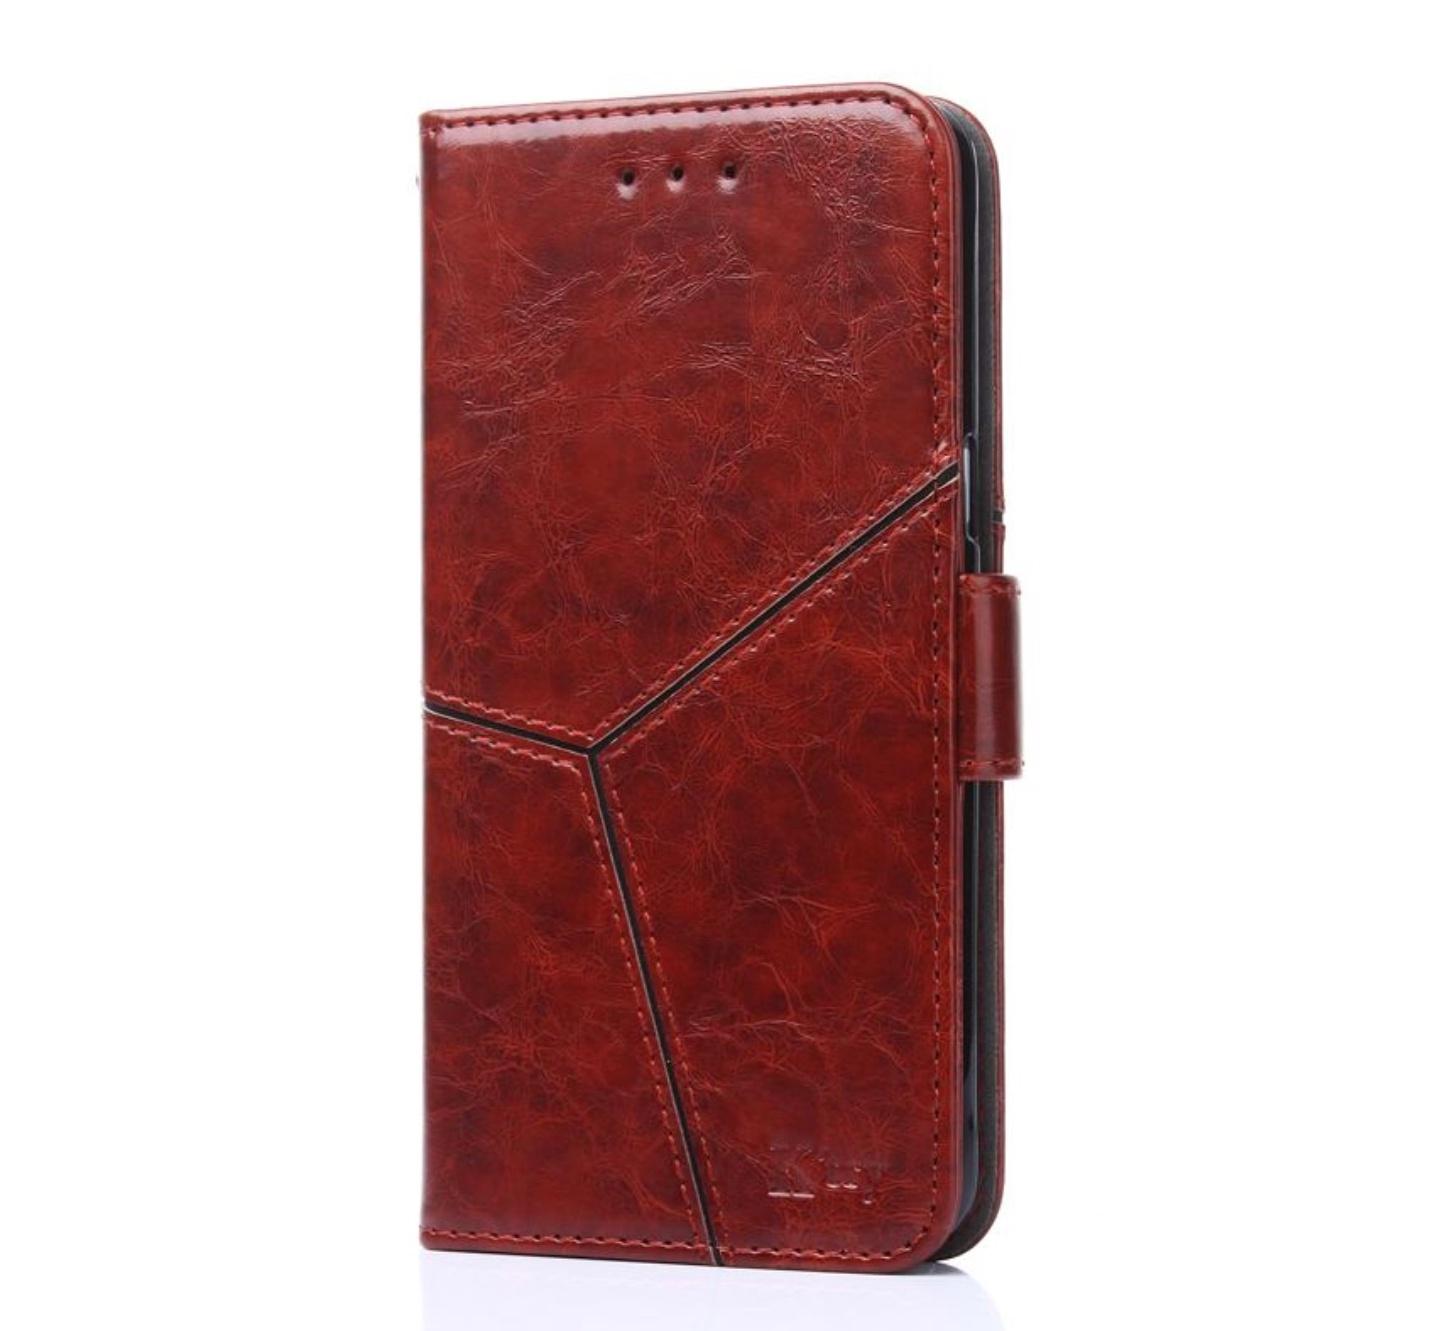 Чехол-книжка MyPads для Huawei Mate 10 прошитый по контуру с необычным геометрическим швом красный кирпичный